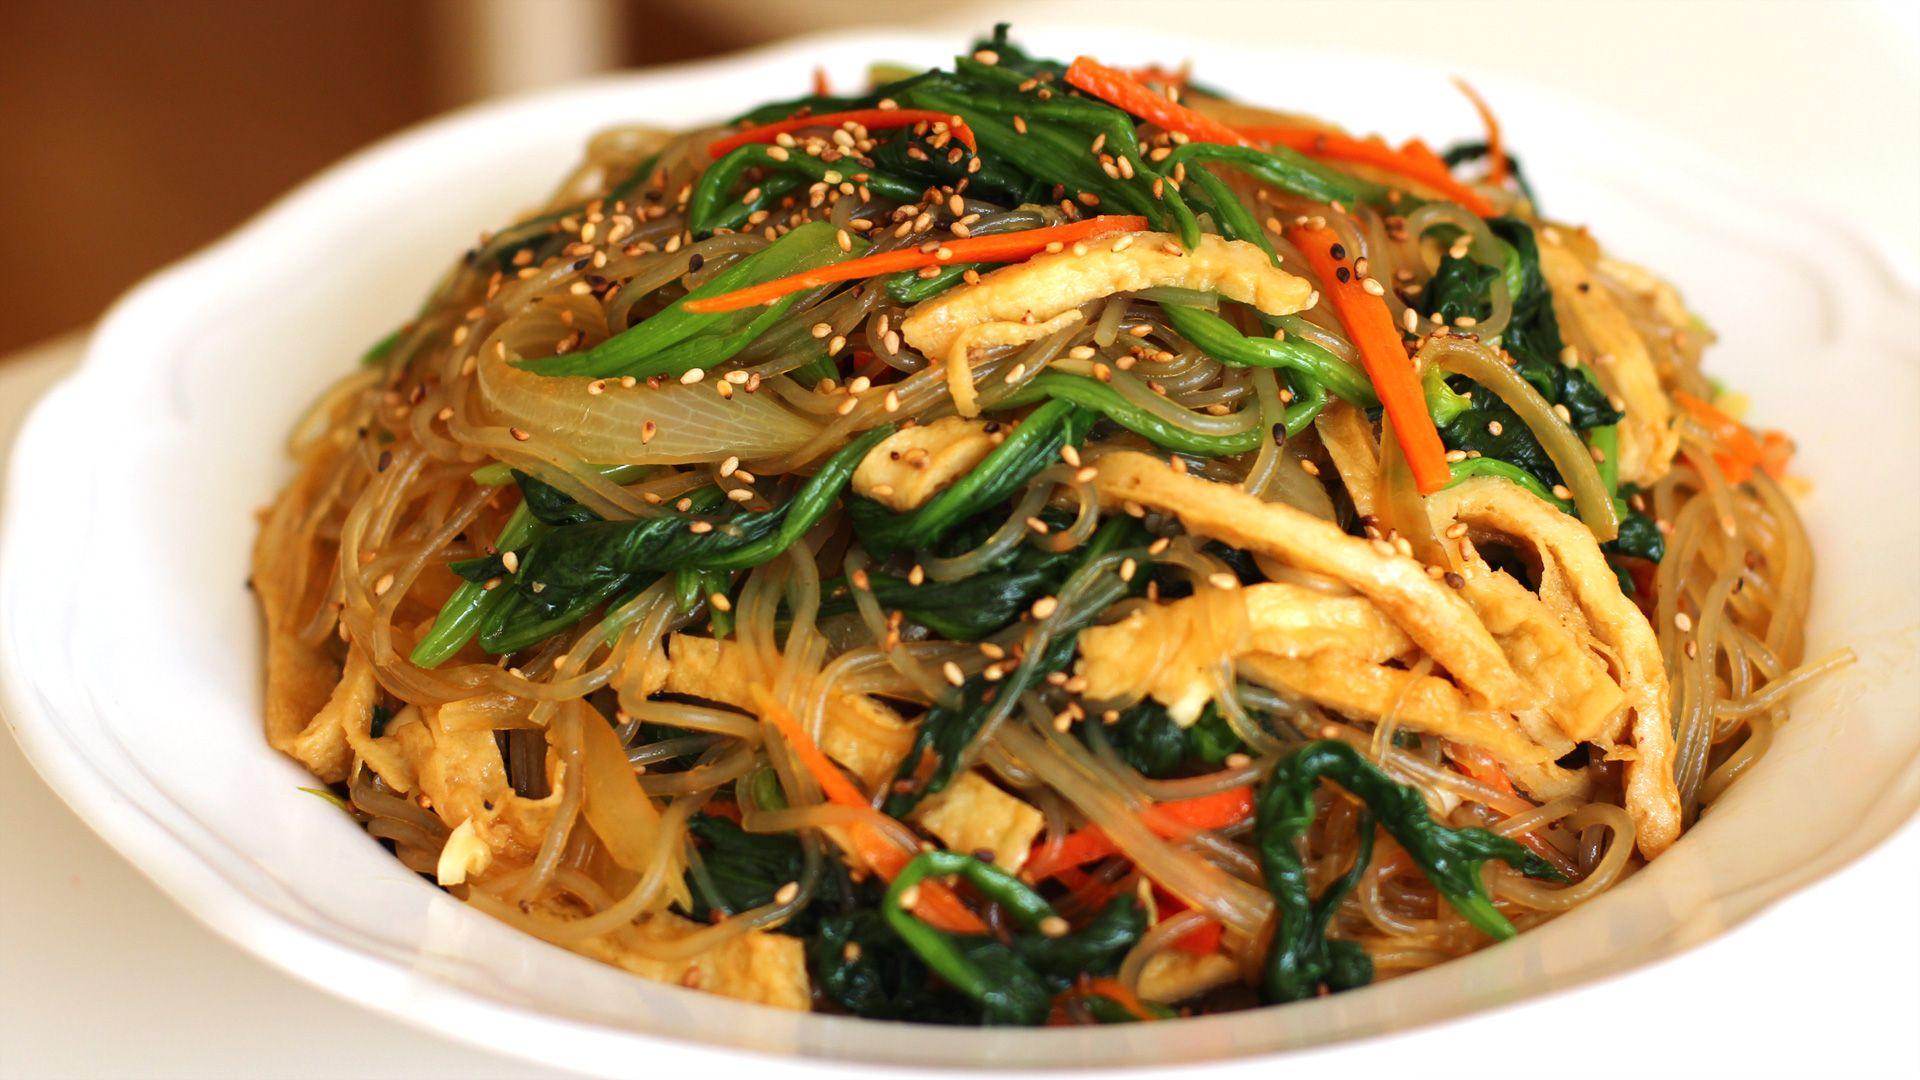 Cach Lam Miến Trộn Han Quốc Mon ăn Cực Hấp Dẫn Va Phổ Biến Tại Han Quốc đay La Mon ăn Kết Hợp Giữa Miến Thịt Va Cac Mon Ngon Chau